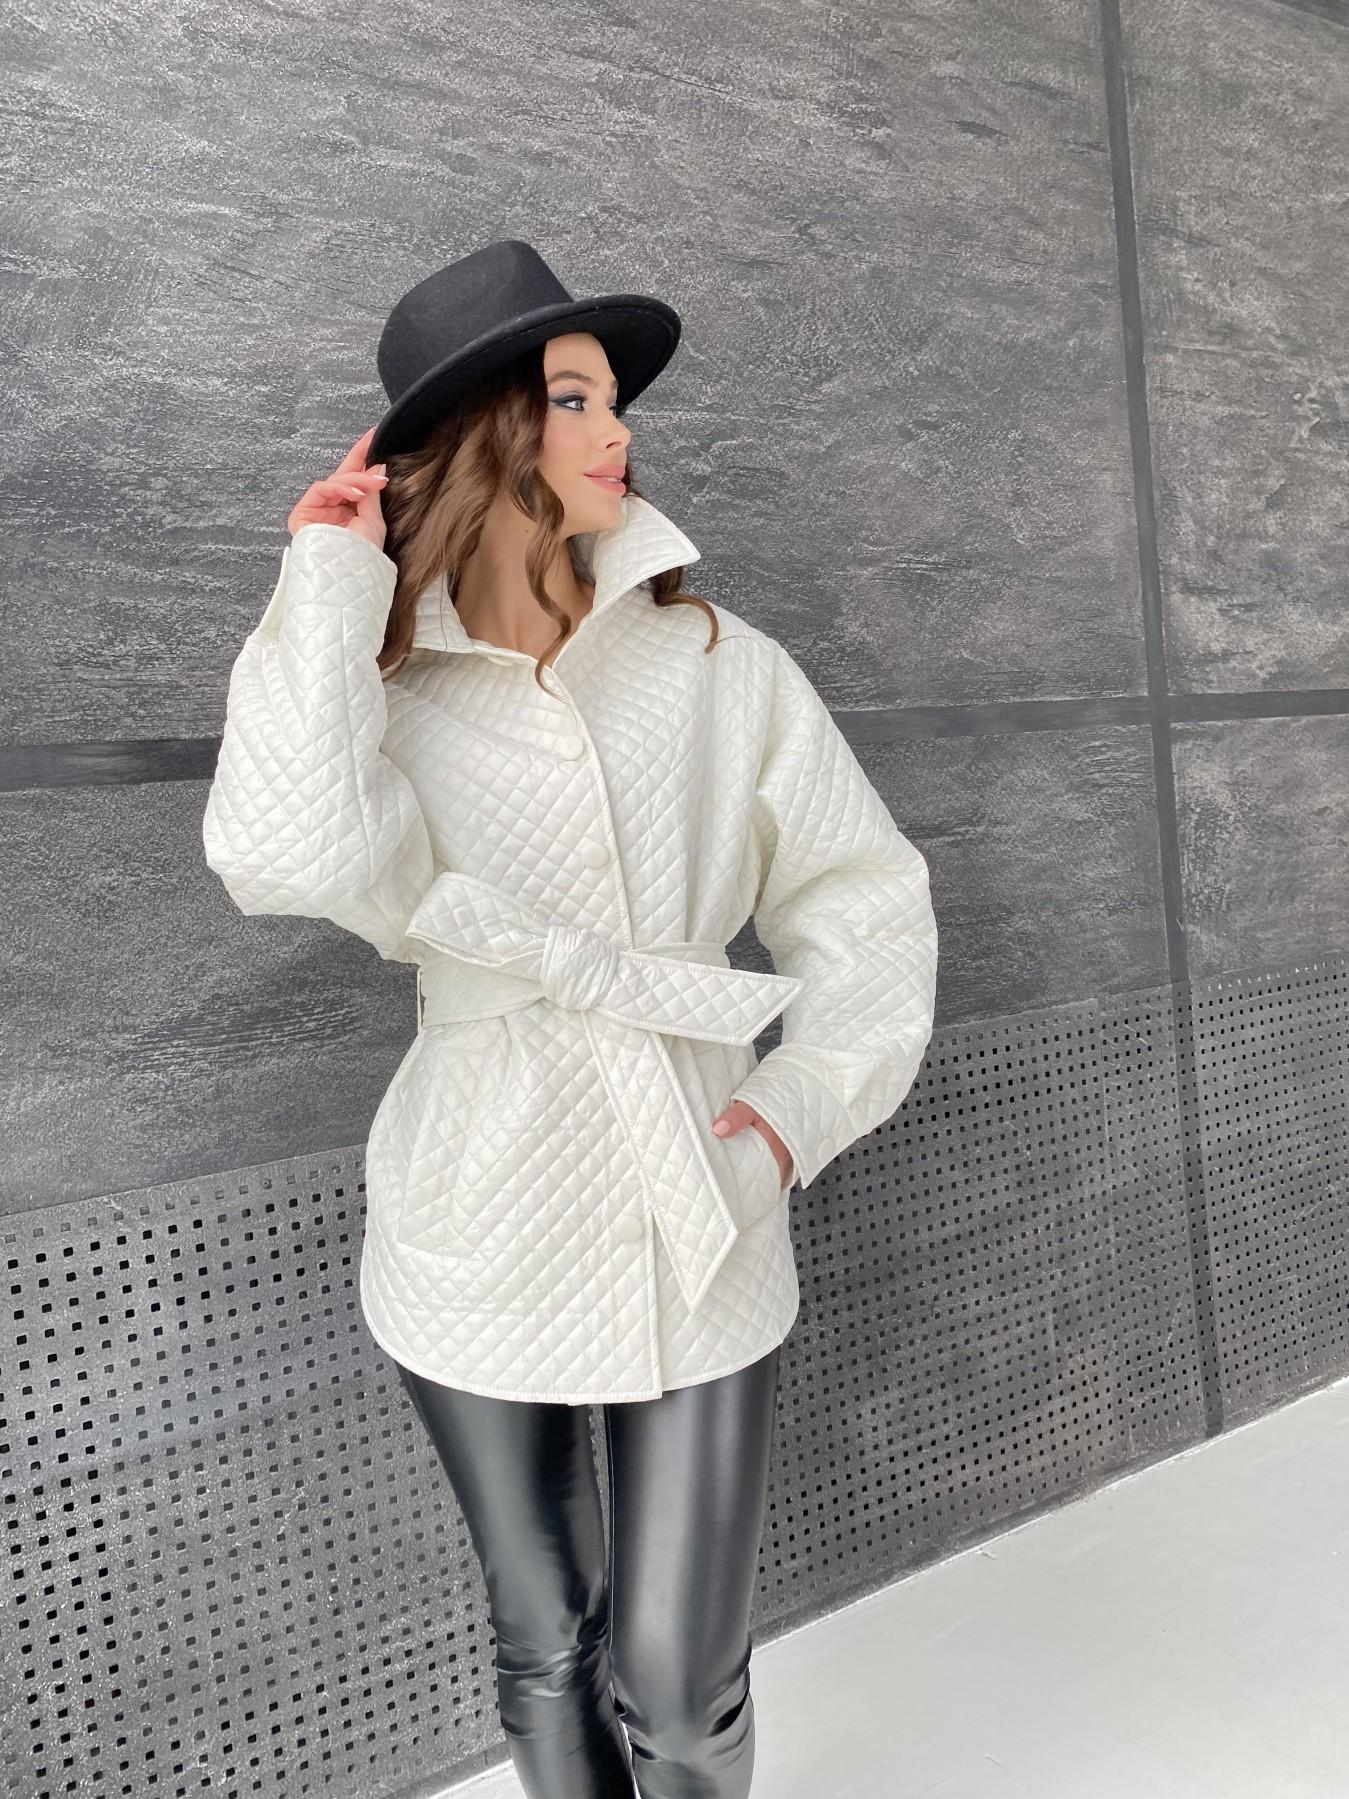 Моно куртка стеганая из  плащевой ткани 11045 АРТ. 47530 Цвет: Молоко - фото 11, интернет магазин tm-modus.ru